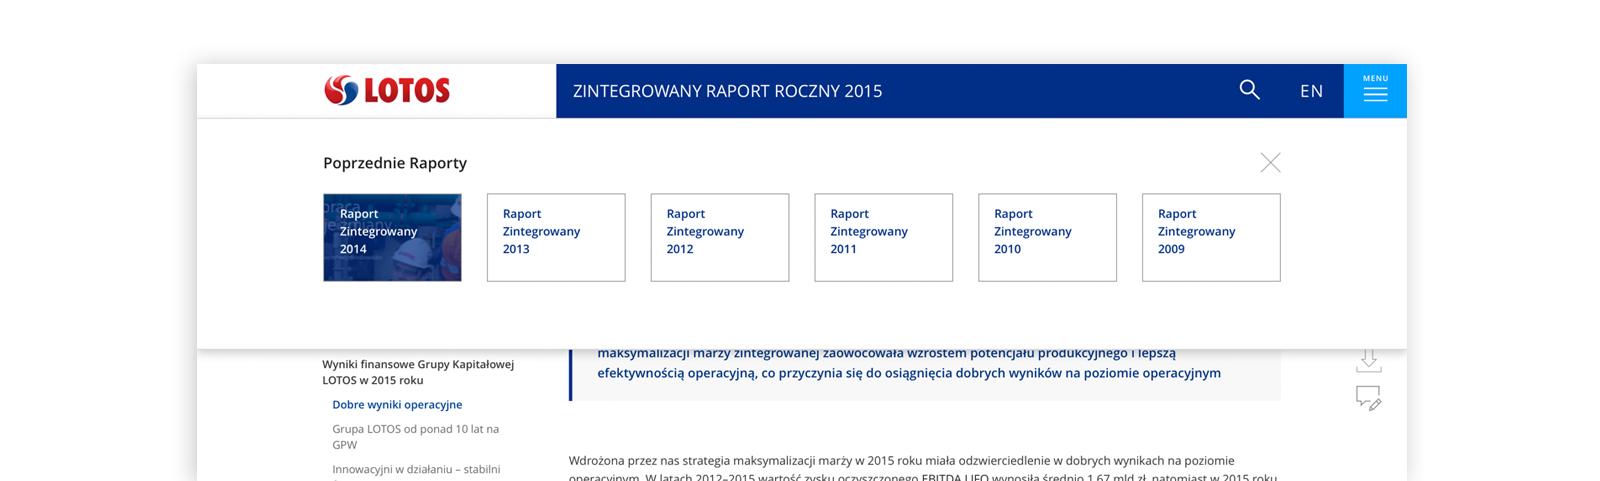 menu poprzednich raportów